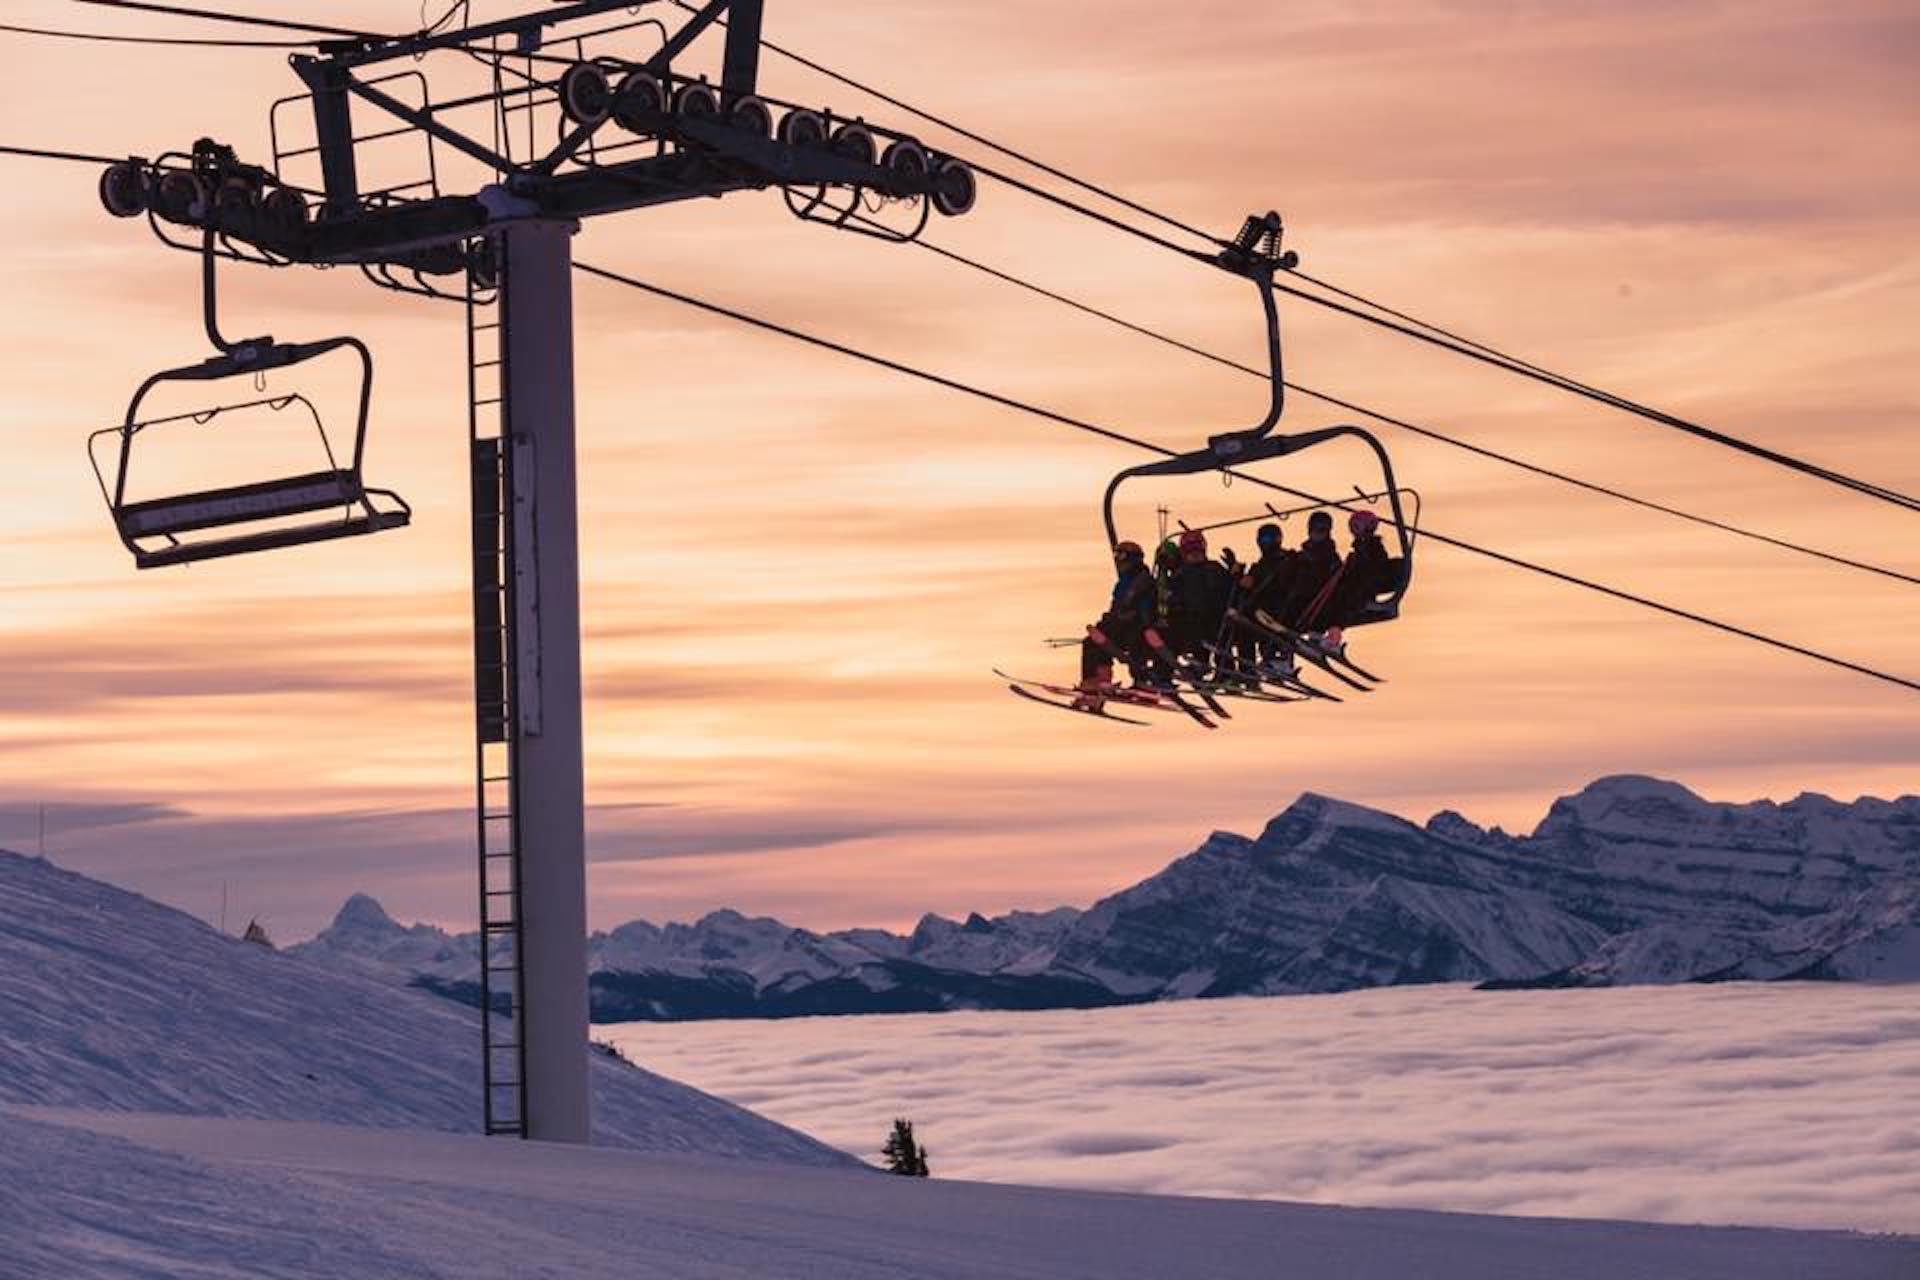 Chairlift at Lake Louise Ski Resort.